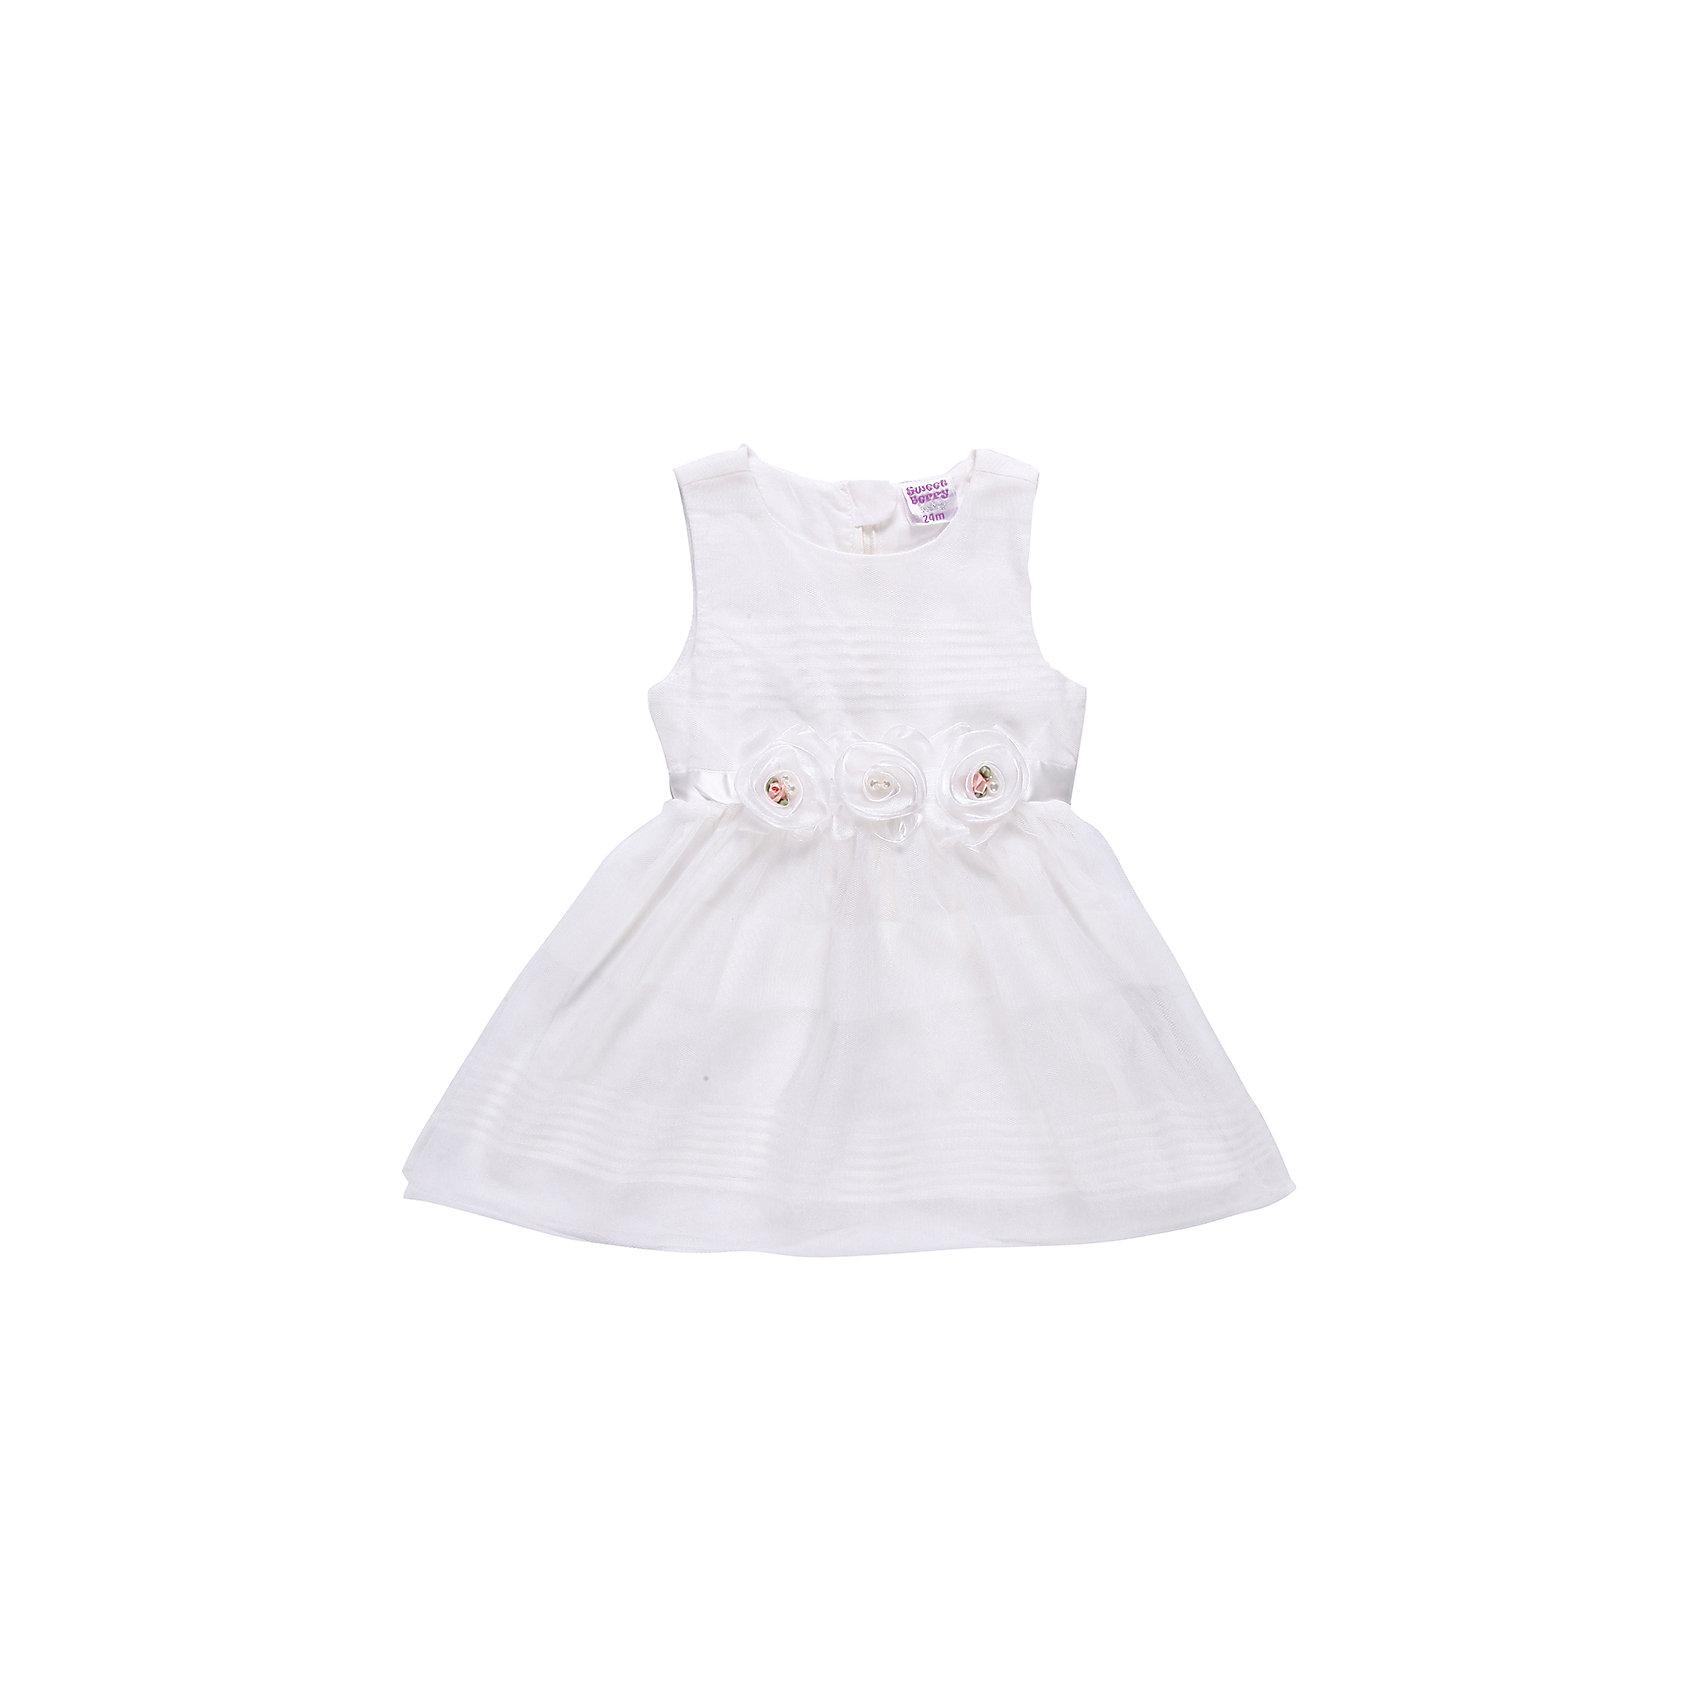 Платье для девочки Sweet BerryНарядное платье на девочку, выполнено из шифона, подкладка хлопок. Пояс из атласной ленты, сзади завязывается на бант. Украшено съемными шифоновыми цветами.<br>Состав:<br>Верх: 100% полиэстер, Подкладка:  100% хлопок<br><br>Ширина мм: 236<br>Глубина мм: 16<br>Высота мм: 184<br>Вес г: 177<br>Цвет: белый<br>Возраст от месяцев: 12<br>Возраст до месяцев: 18<br>Пол: Женский<br>Возраст: Детский<br>Размер: 86,80,92<br>SKU: 4522001